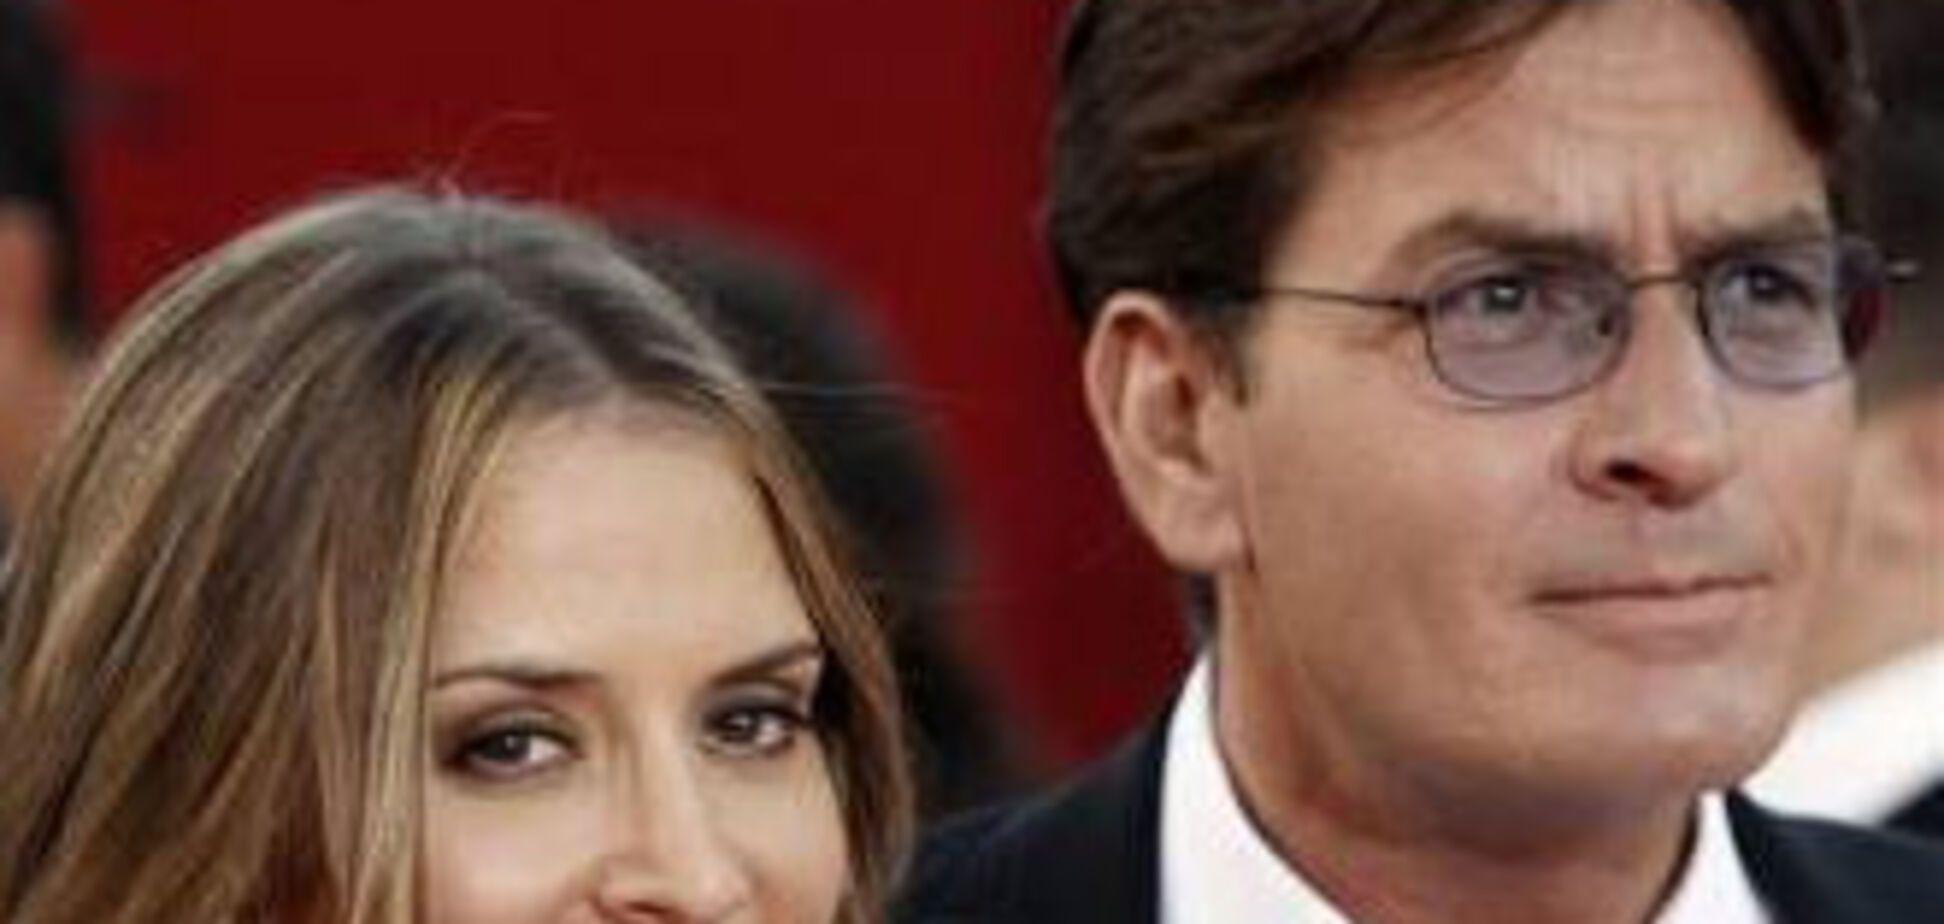 Чарлі Шин засуджений до умовного терміну за напад на дружину